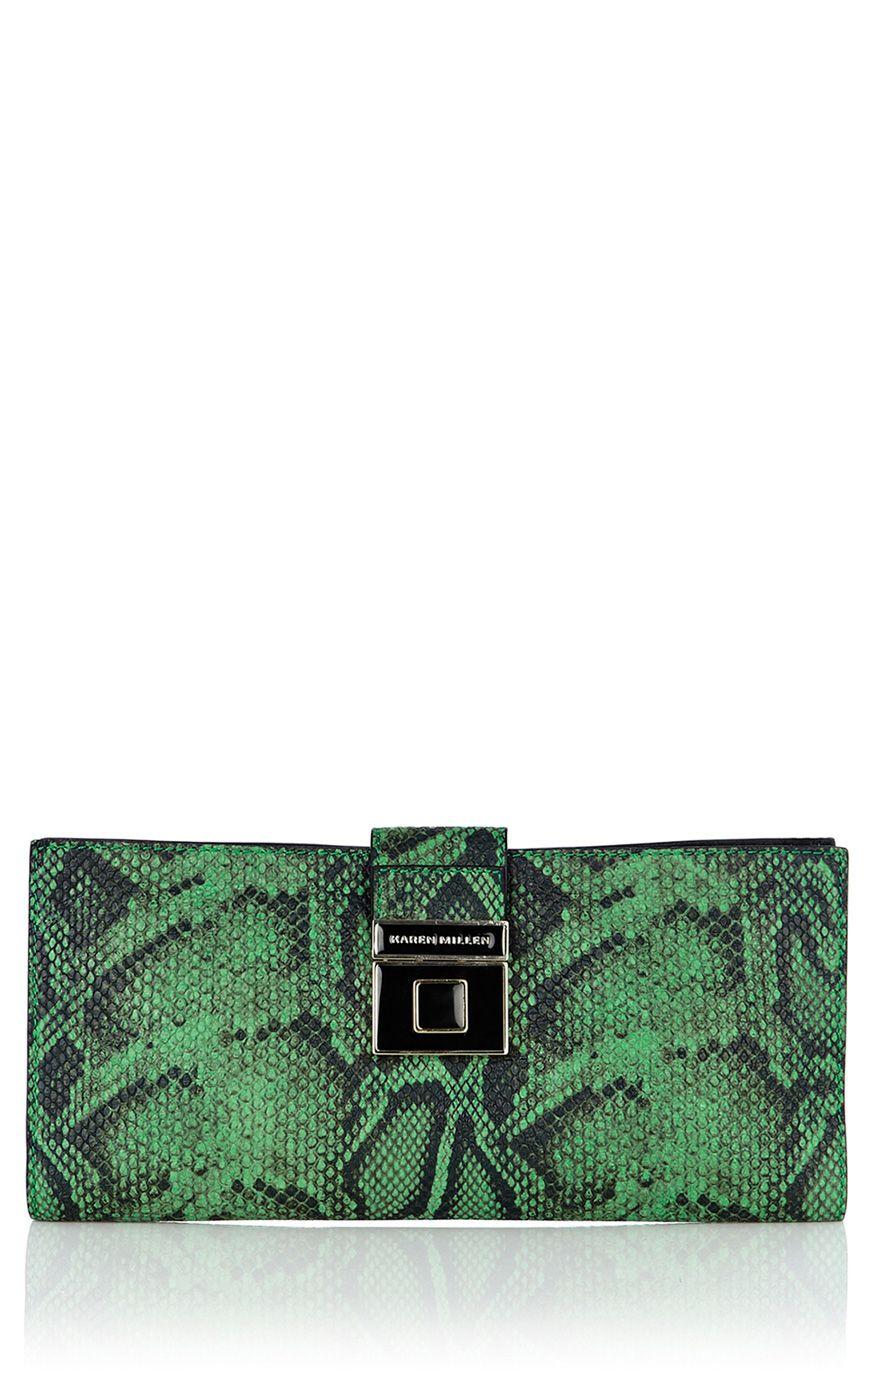 2791cf0e6a Green snake print envelope clutch. | print | Fashion, Karen millen ...